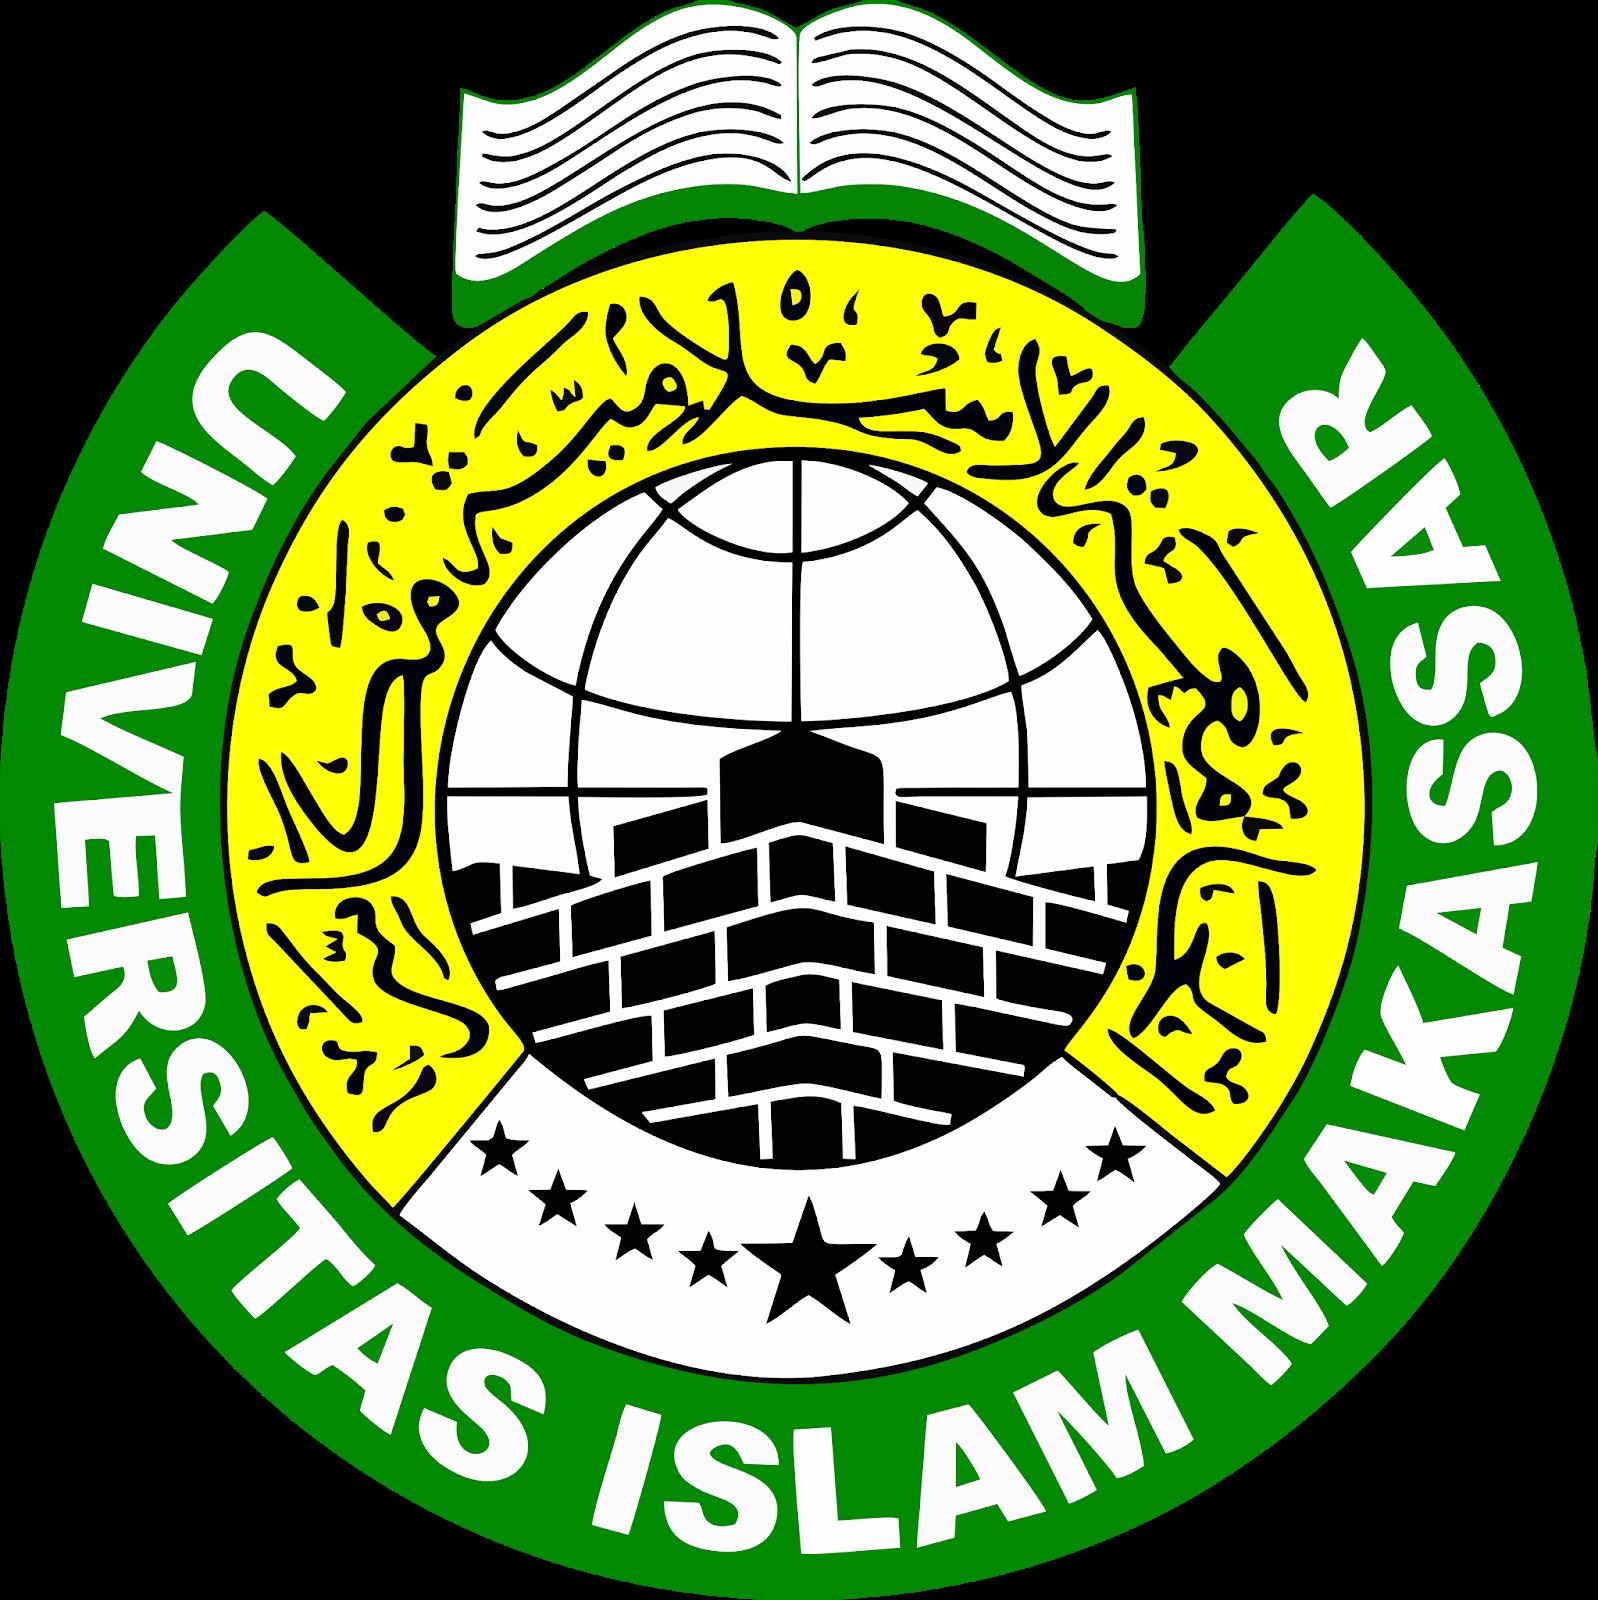 Logo Universitas Brawijaya Png